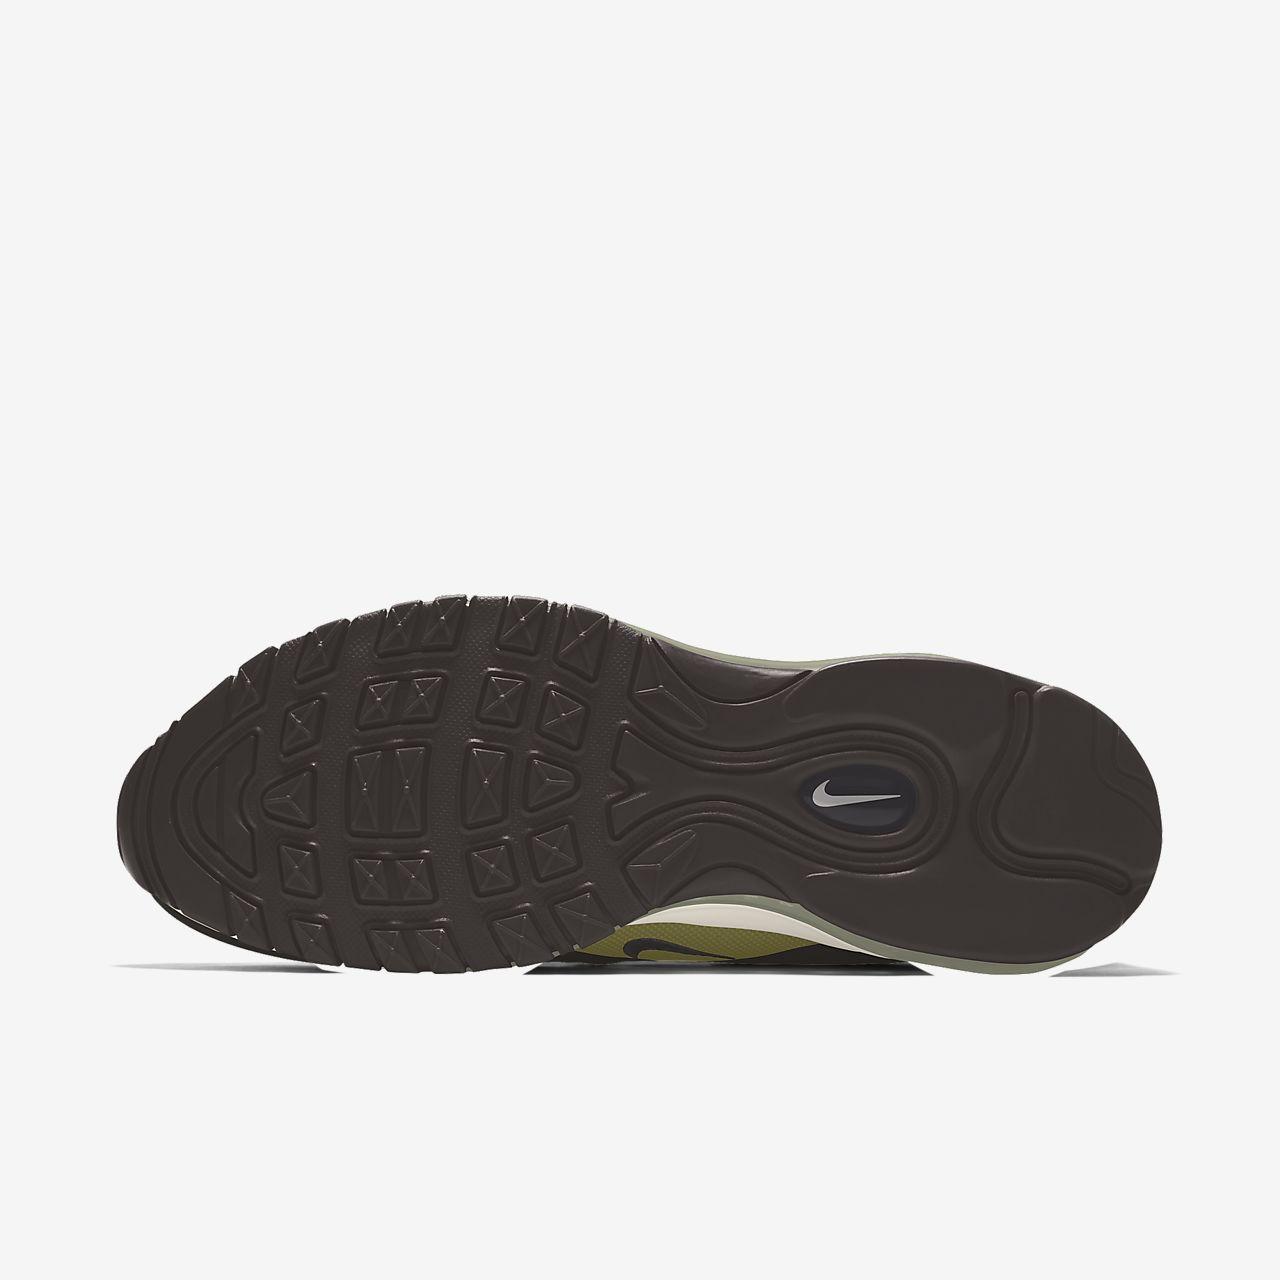 Męskie personalizowane buty Nike Air Max 97 By You